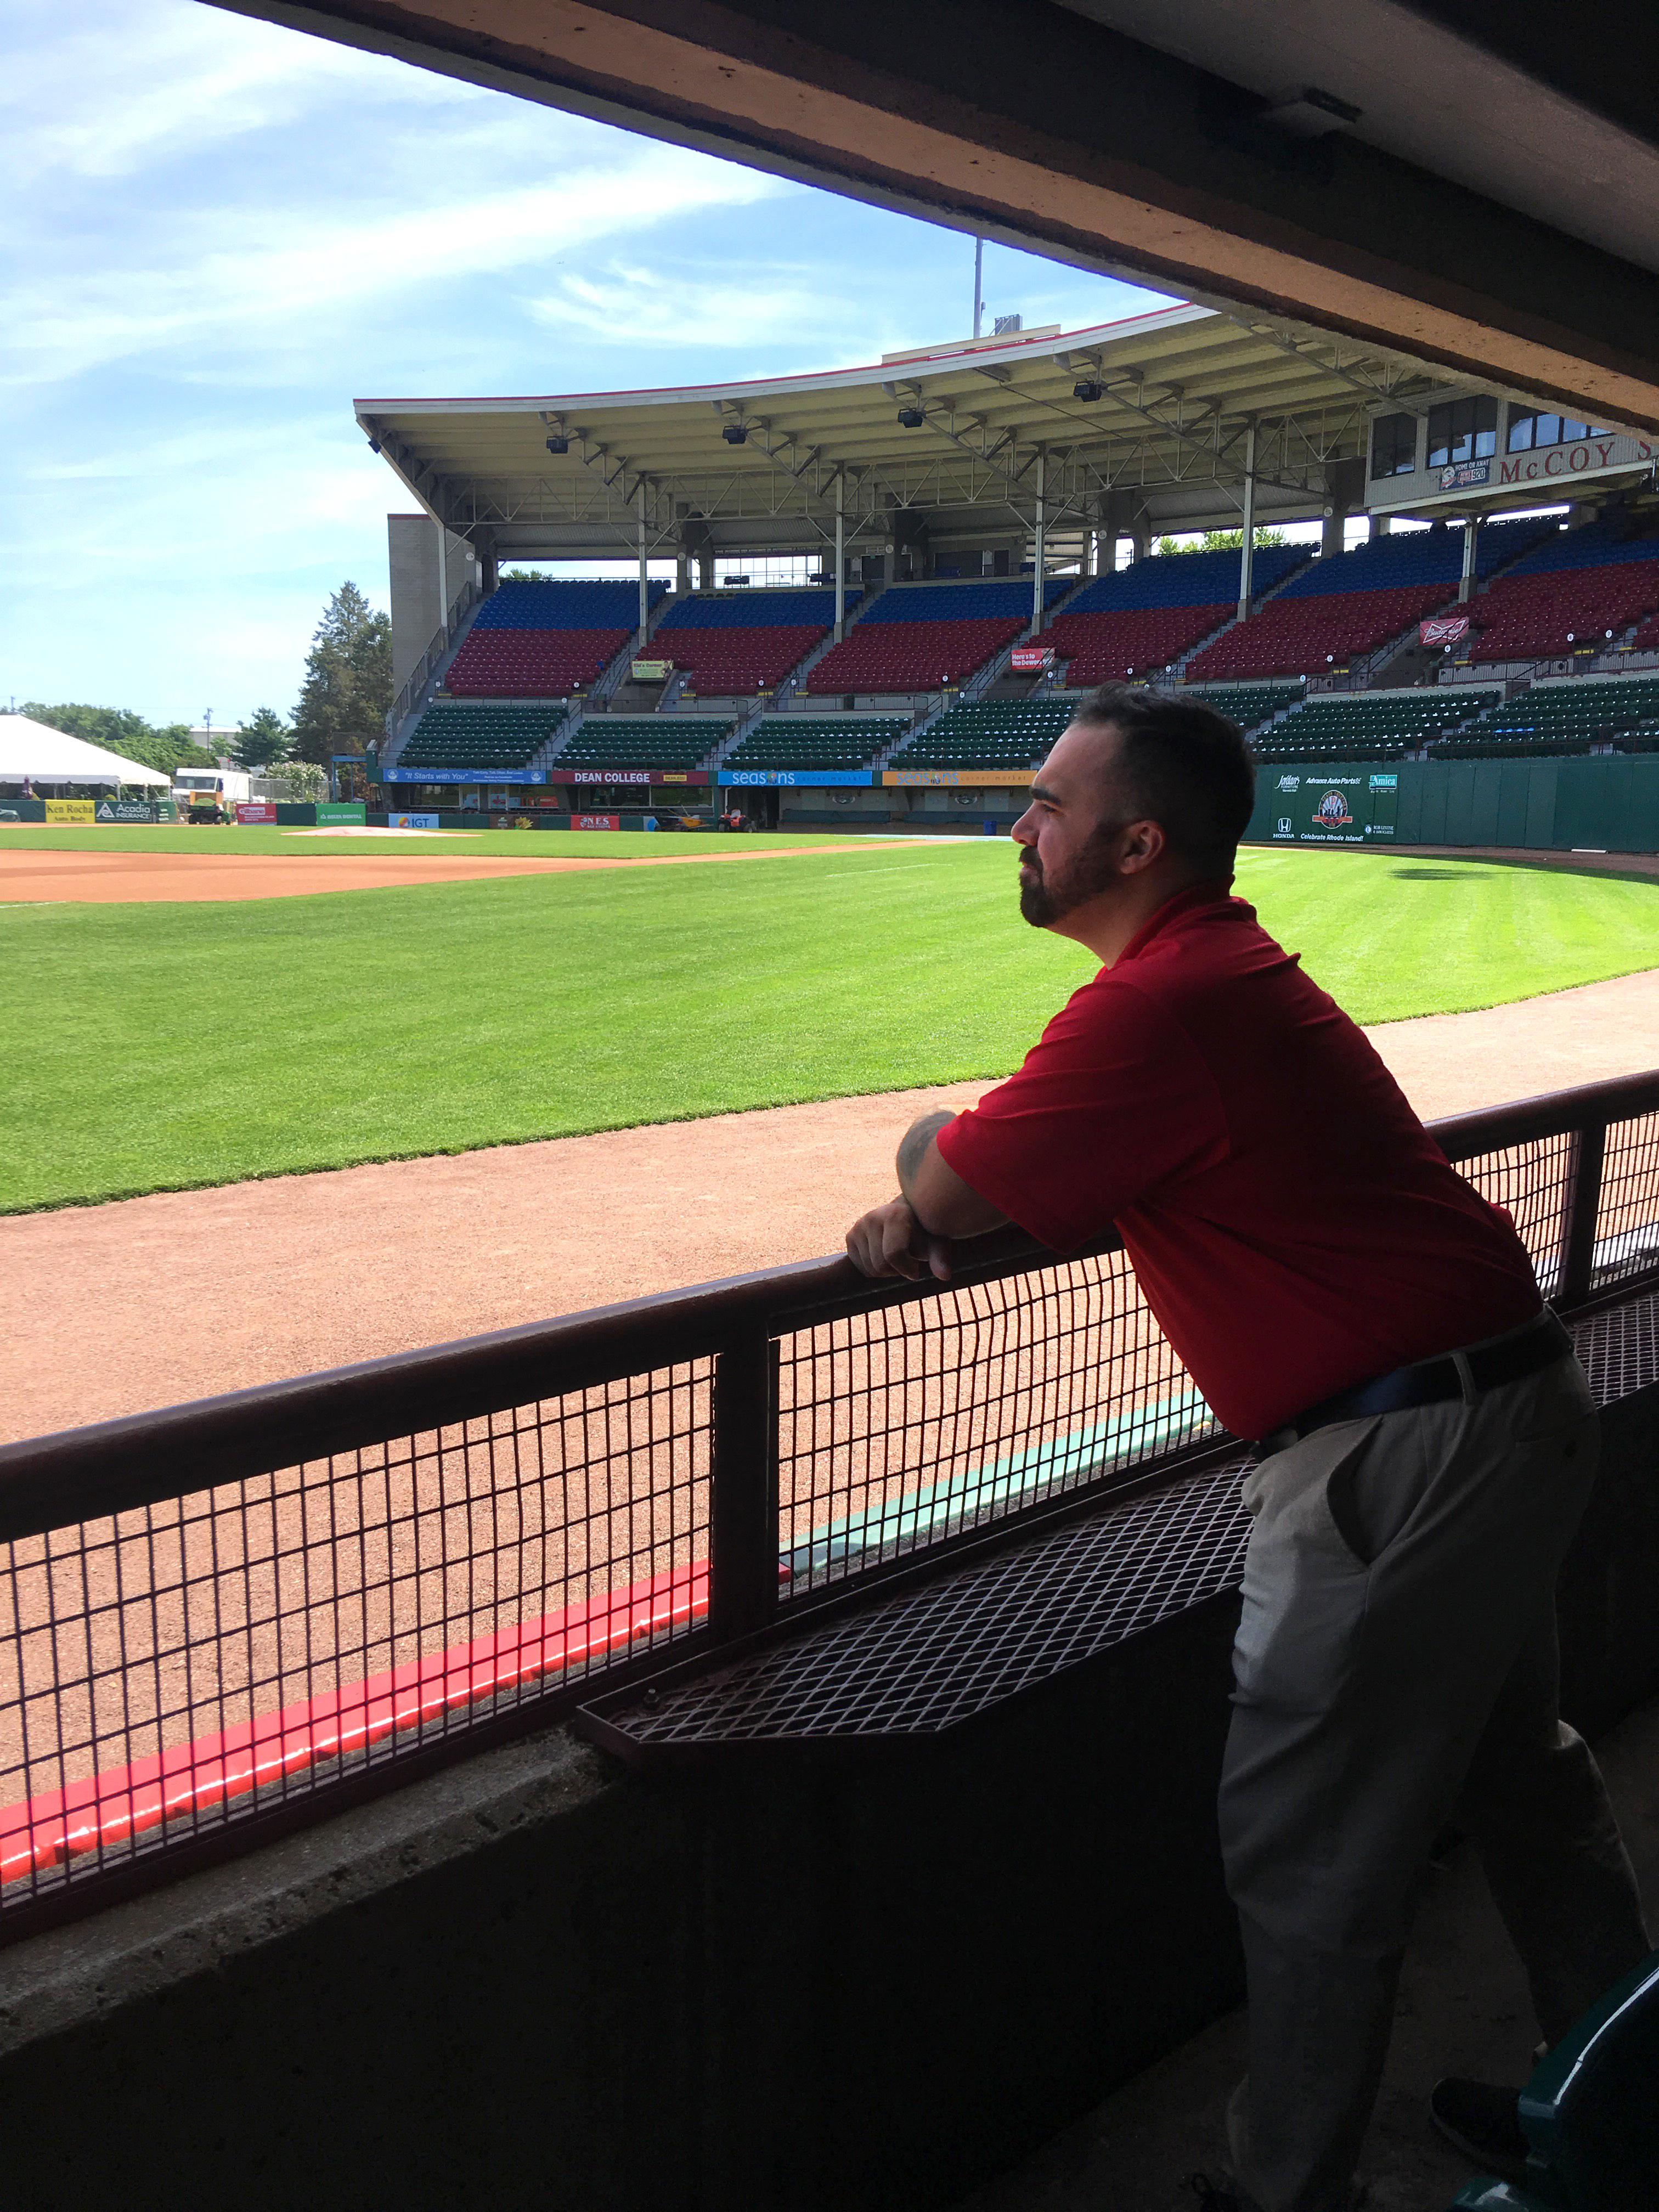 George Havanidis inside the stadium of the Pawtucket Red Sox